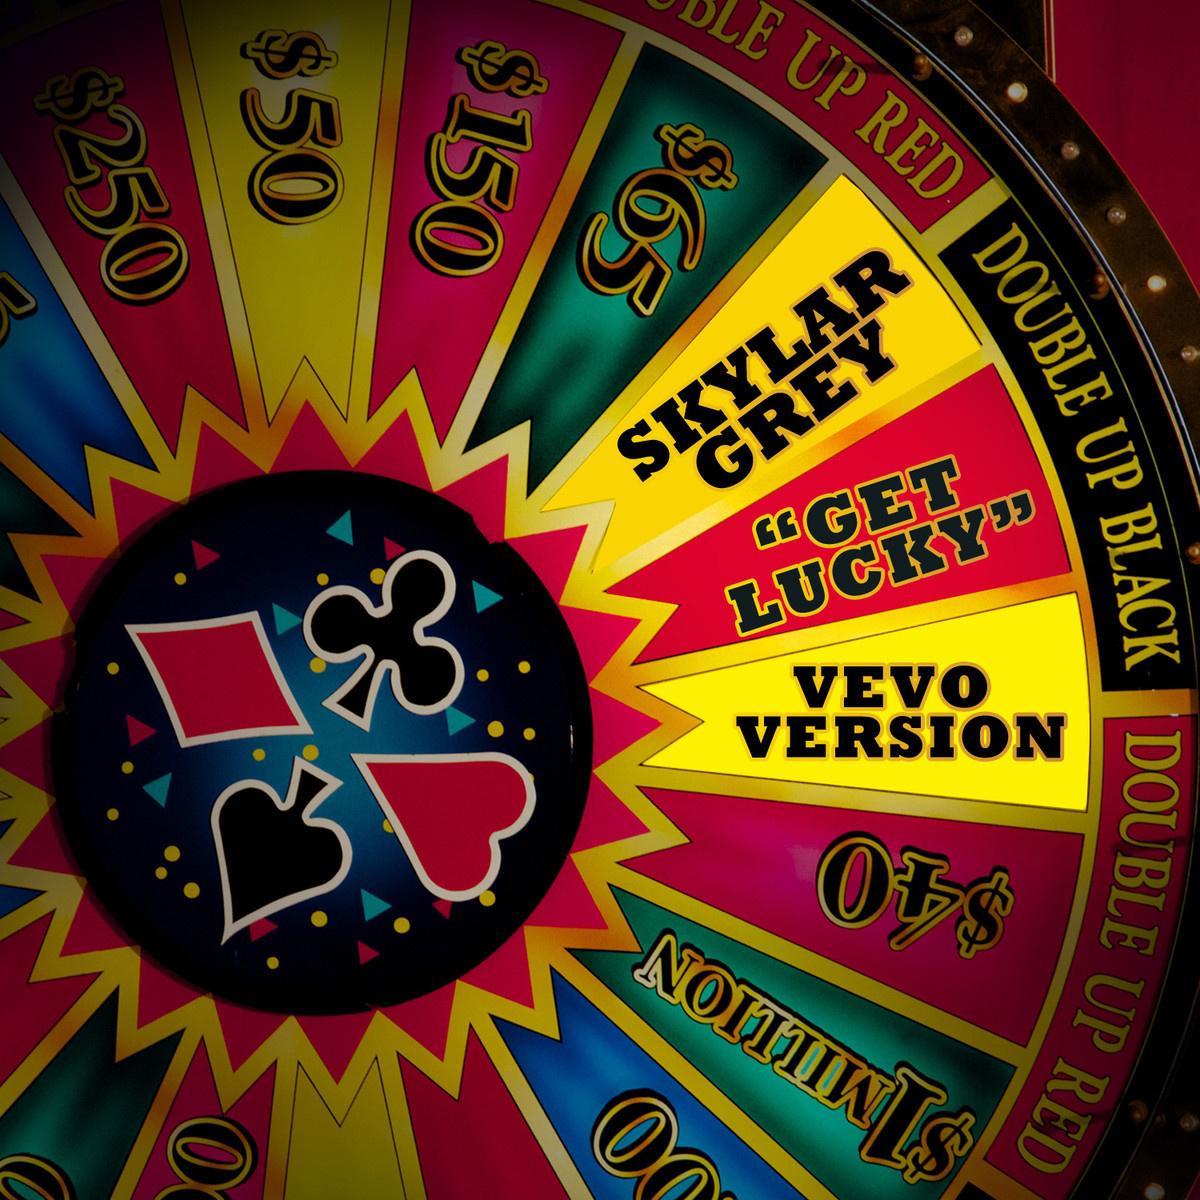 Get Lucky (Vevo Version)